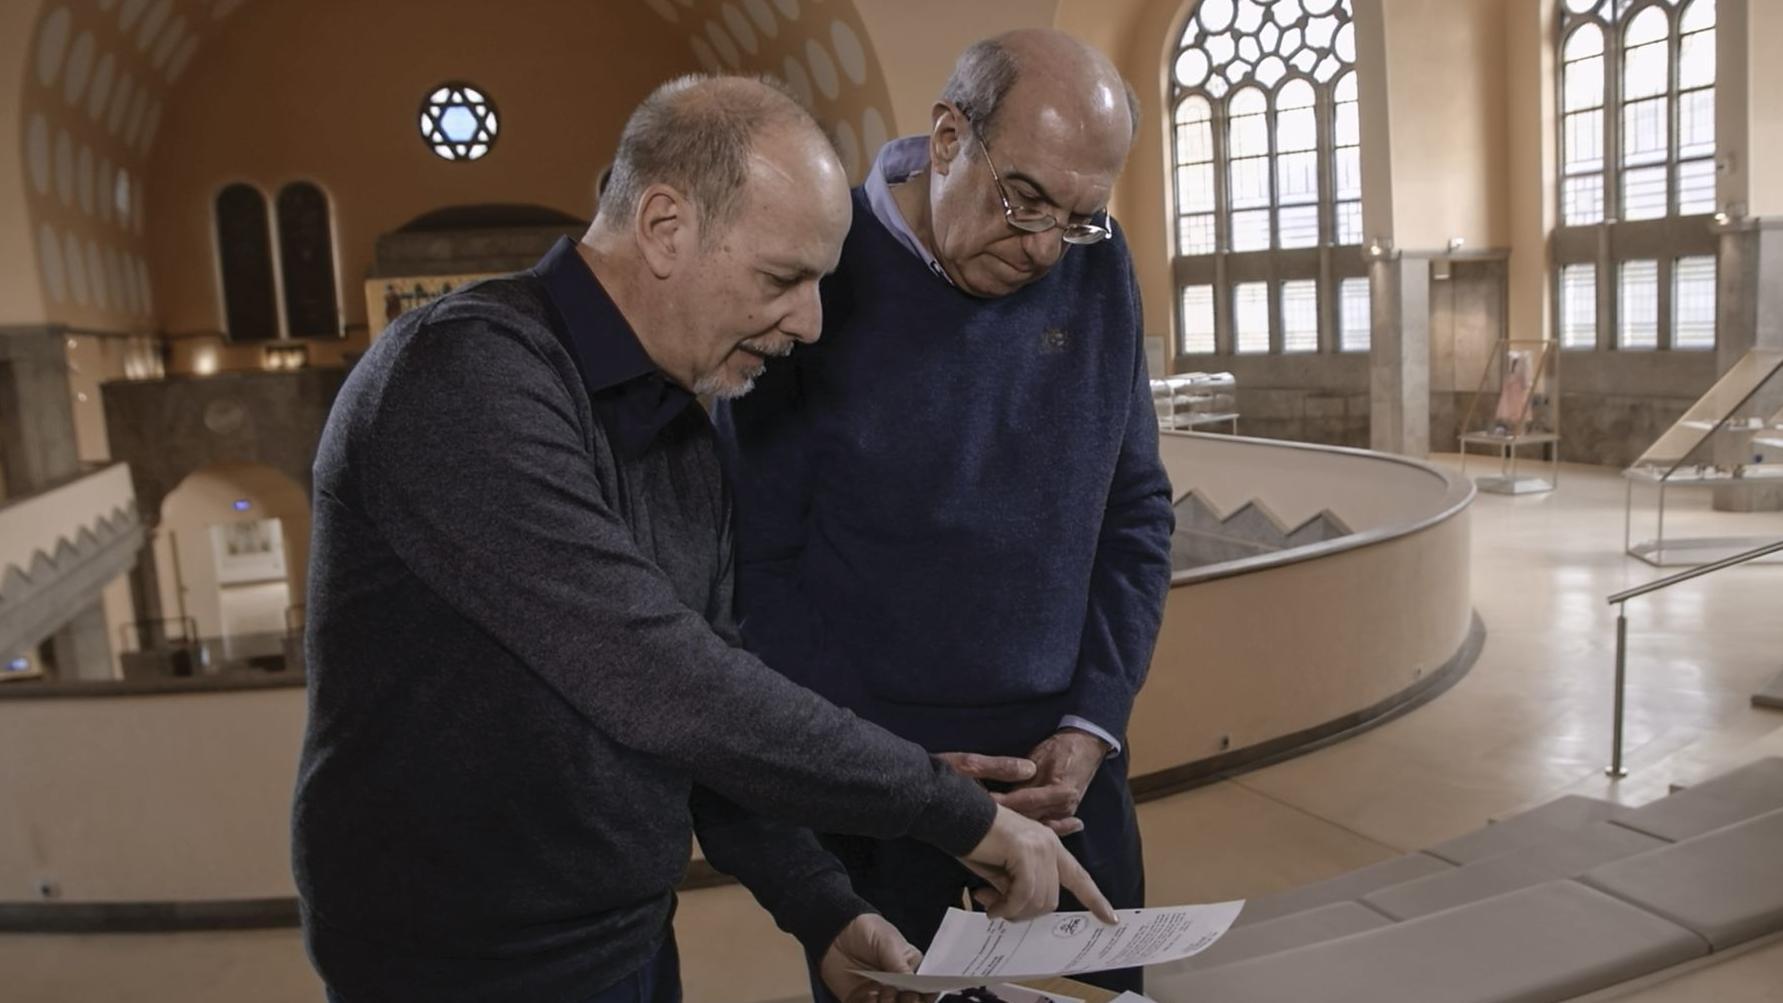 Dokumentarfilmer Tilman Urbach auf der Suche nach den verlorenen Werken